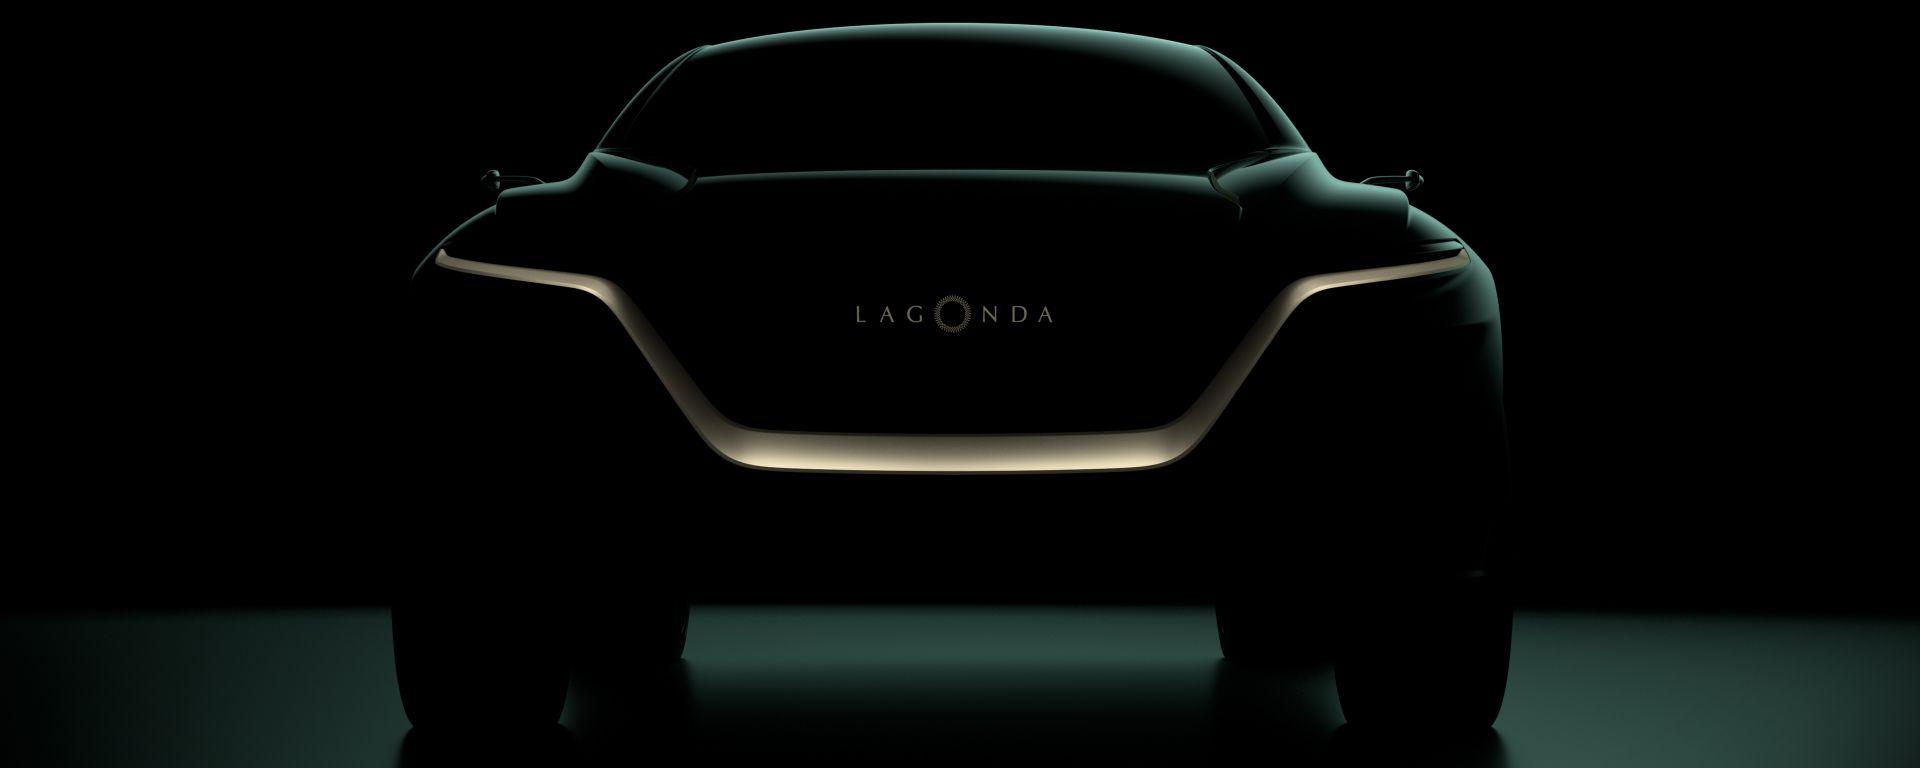 Aston Martin Lagonda All Terrain al Salone di Ginevra 2019